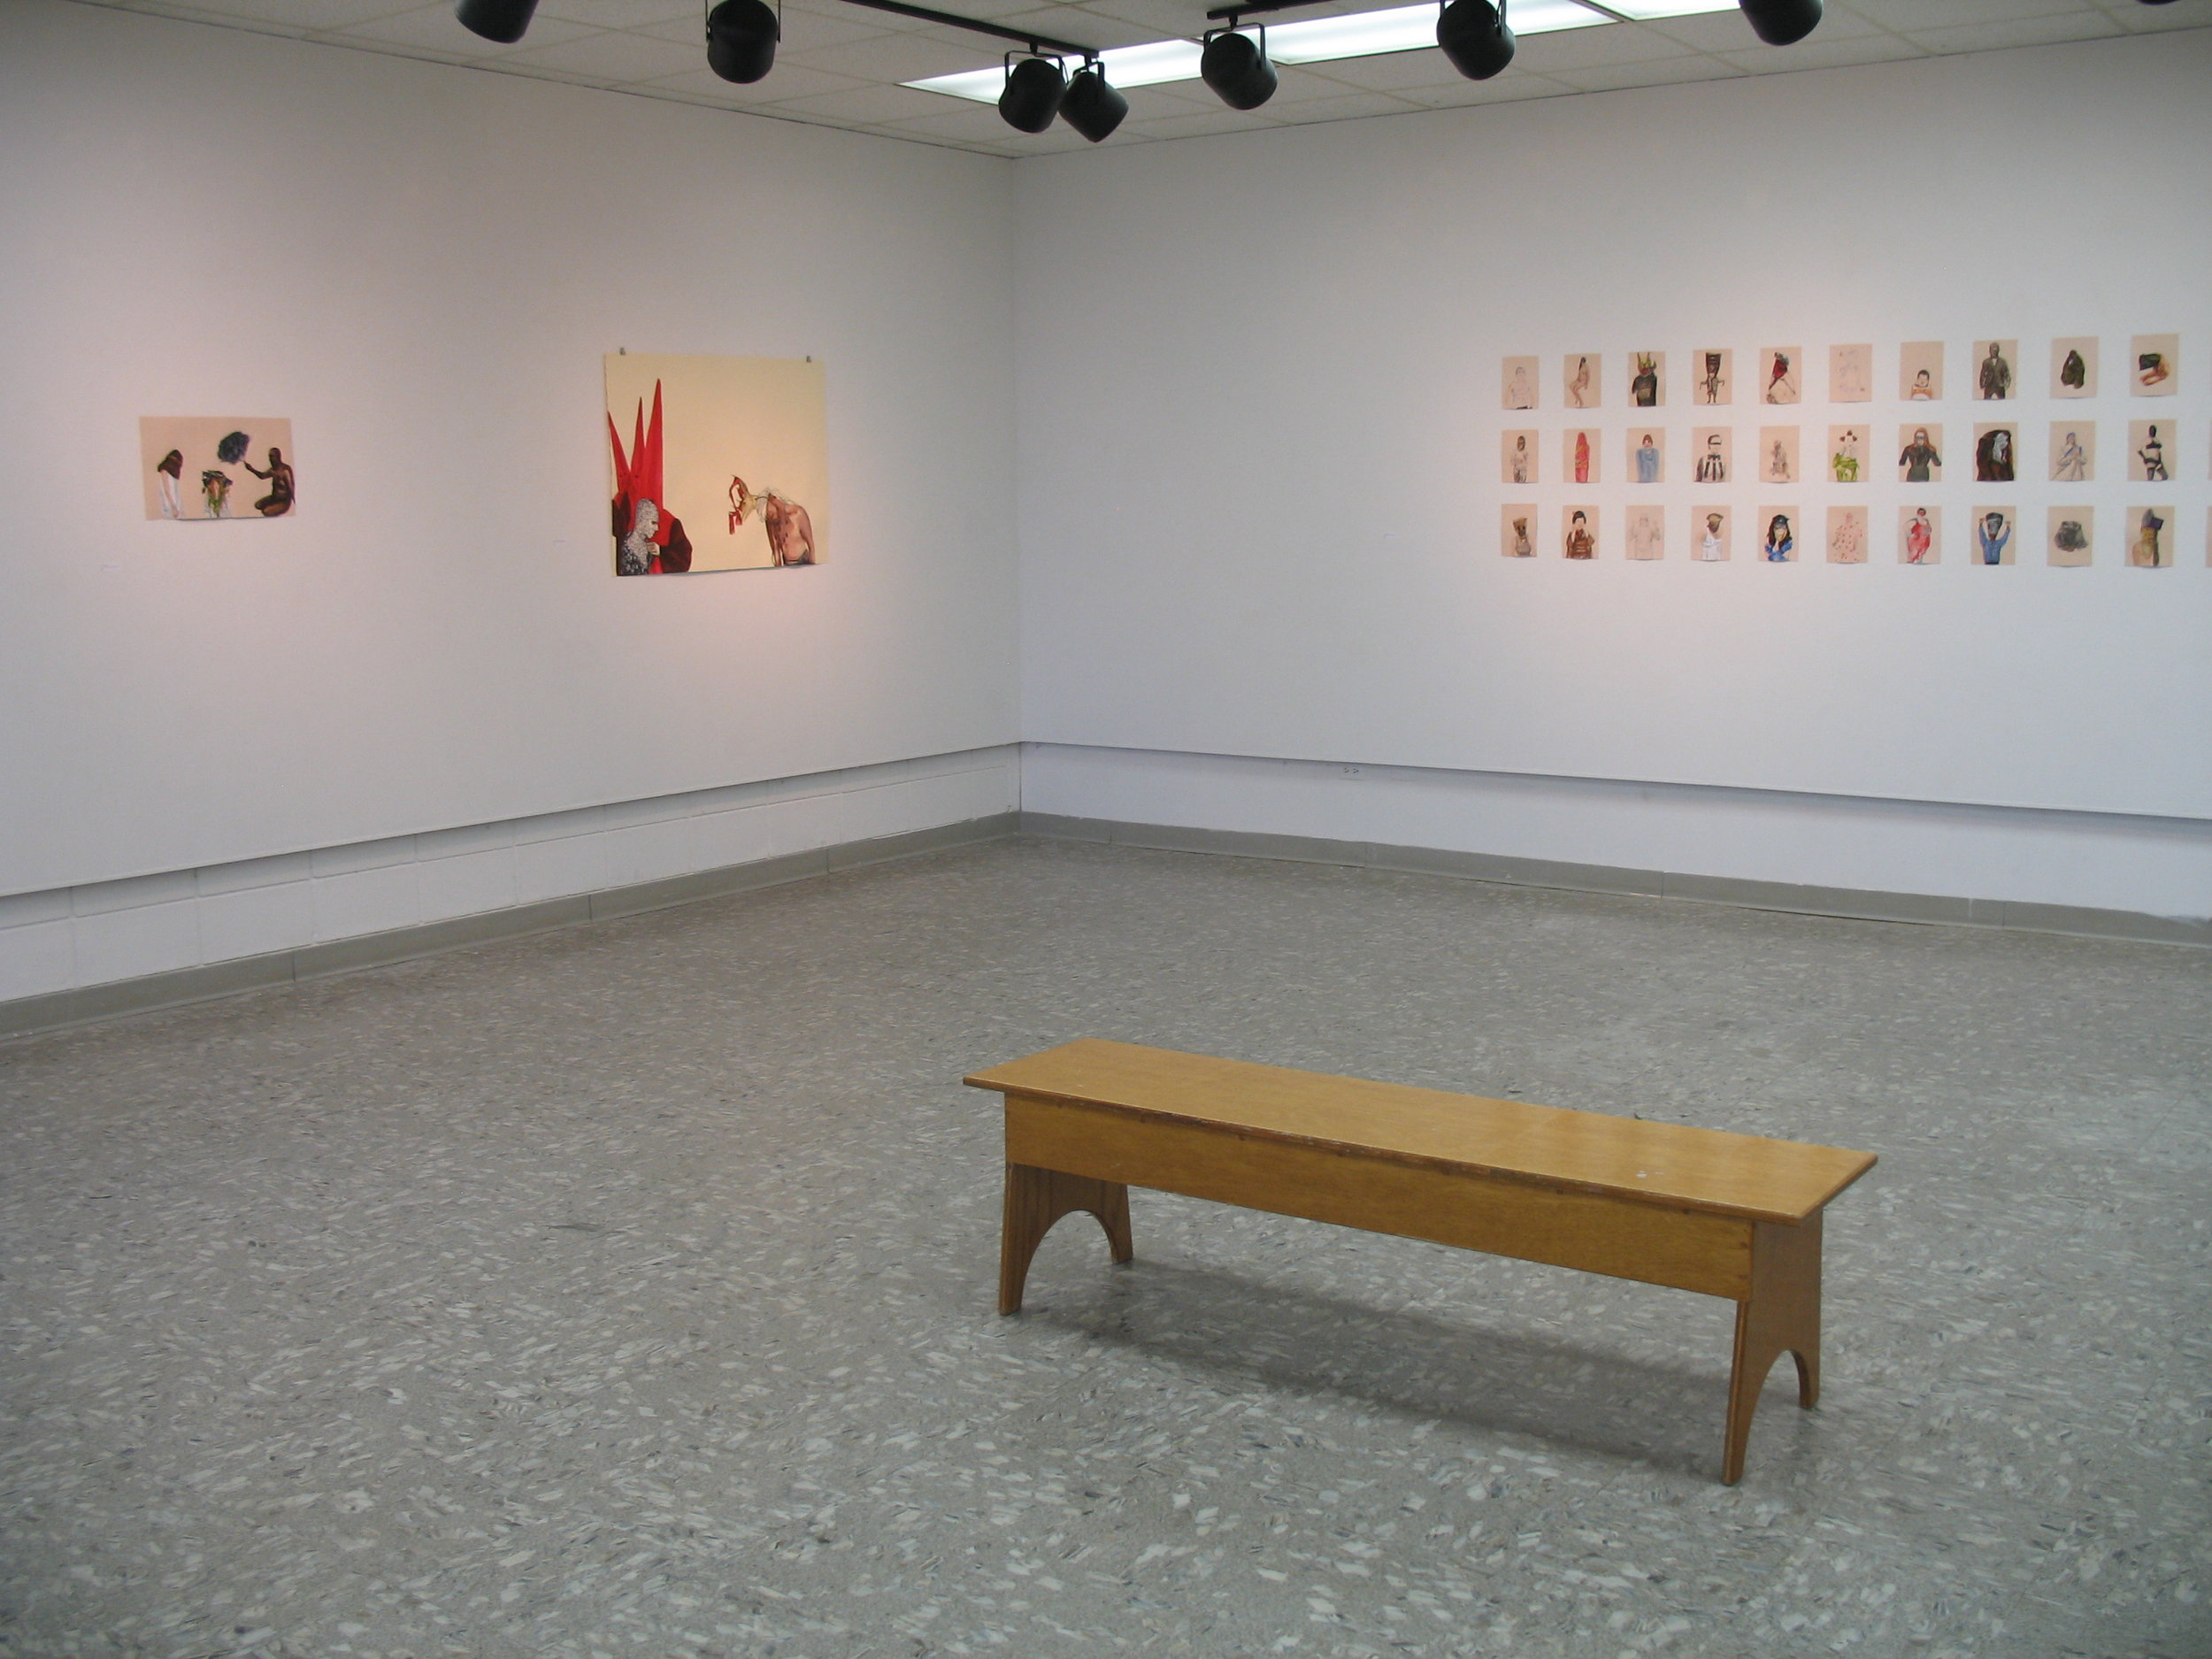 Solo exhibition, Nichols State University, Thibodeaux, LA 2011